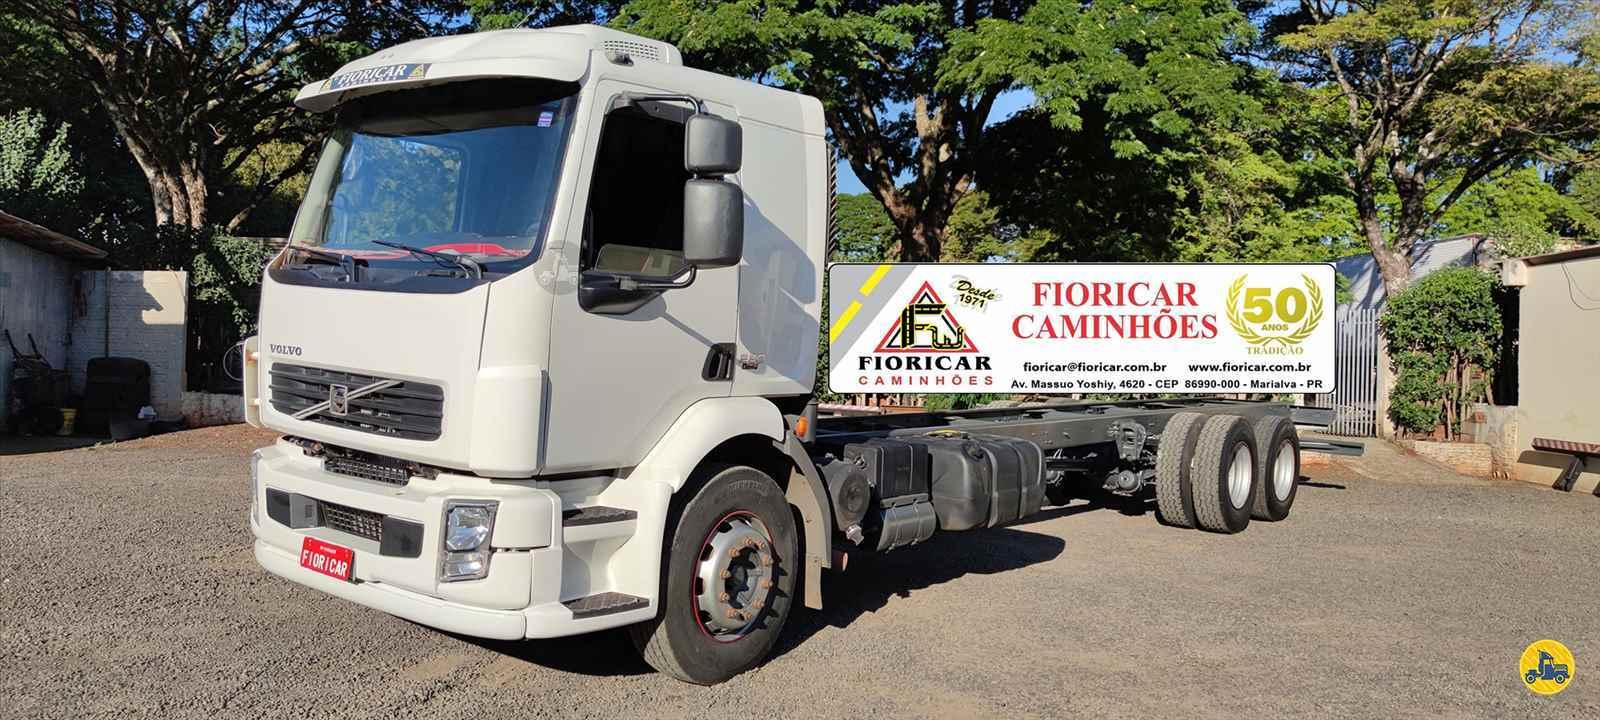 CAMINHAO VOLVO VOLVO VM 260 Chassis Truck 6x2 Fioricar Caminhões MARIALVA PARANÁ PR